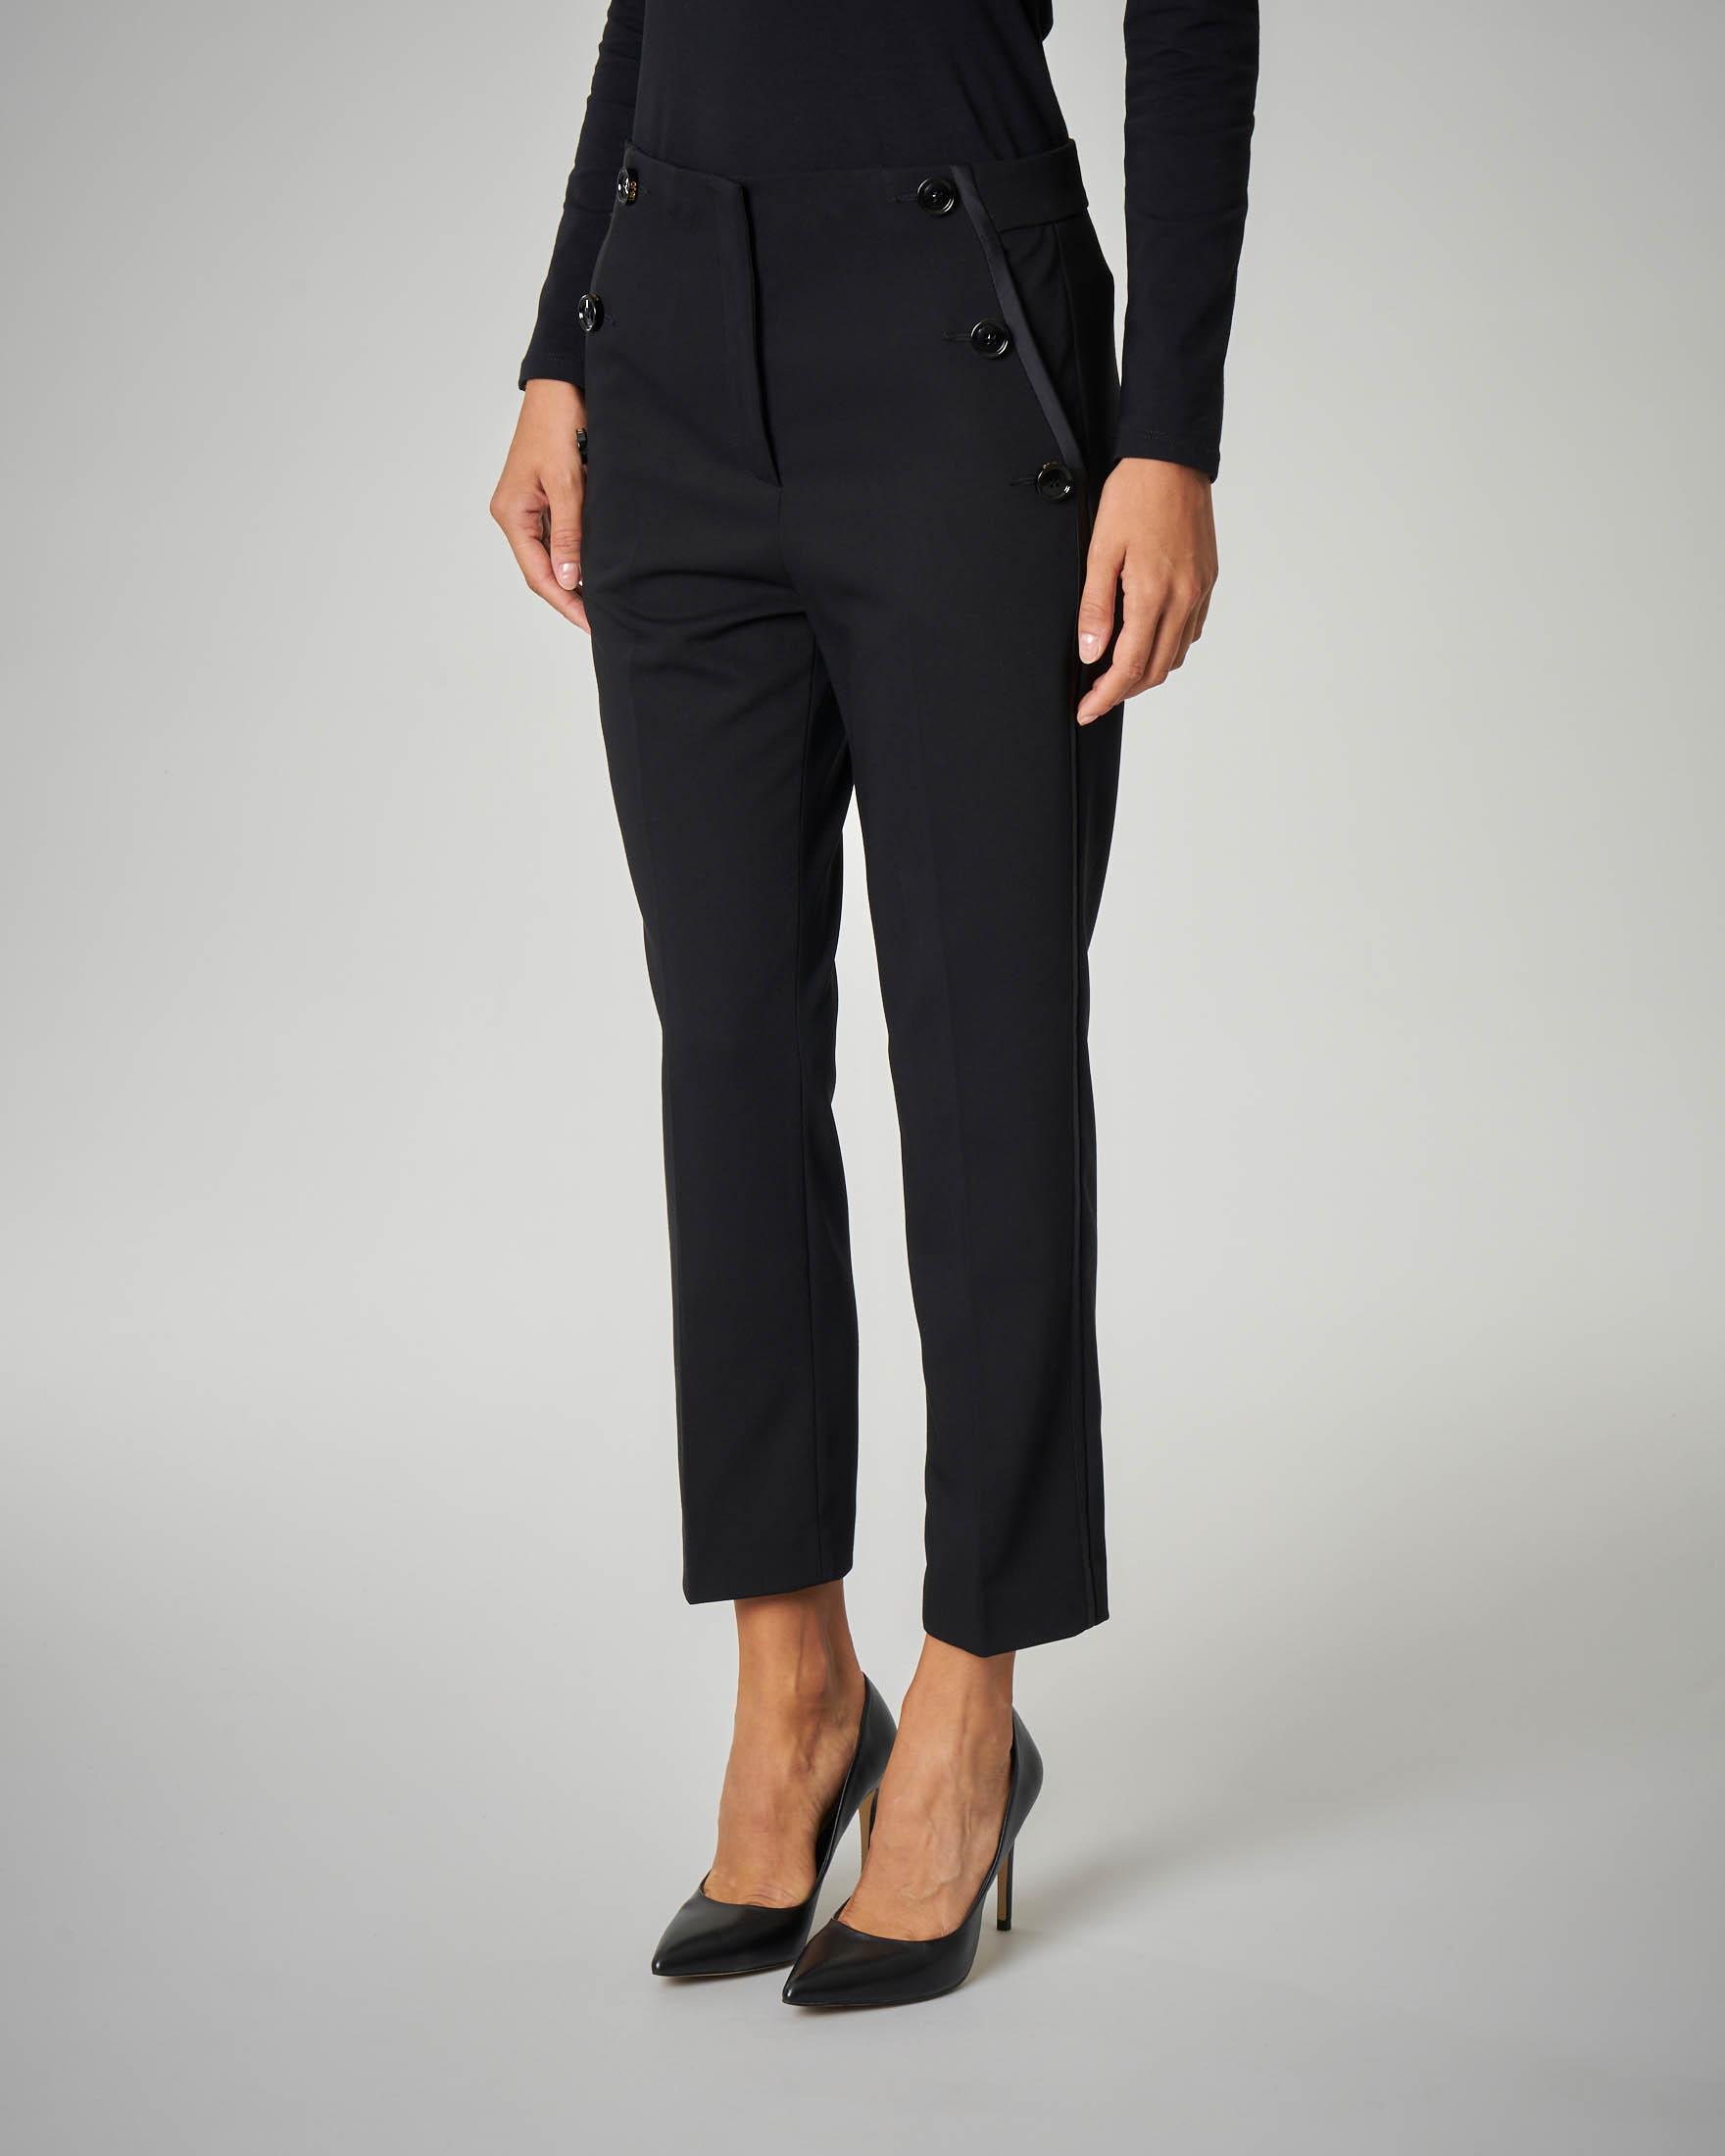 Pantalone nero con profili sulla gamba